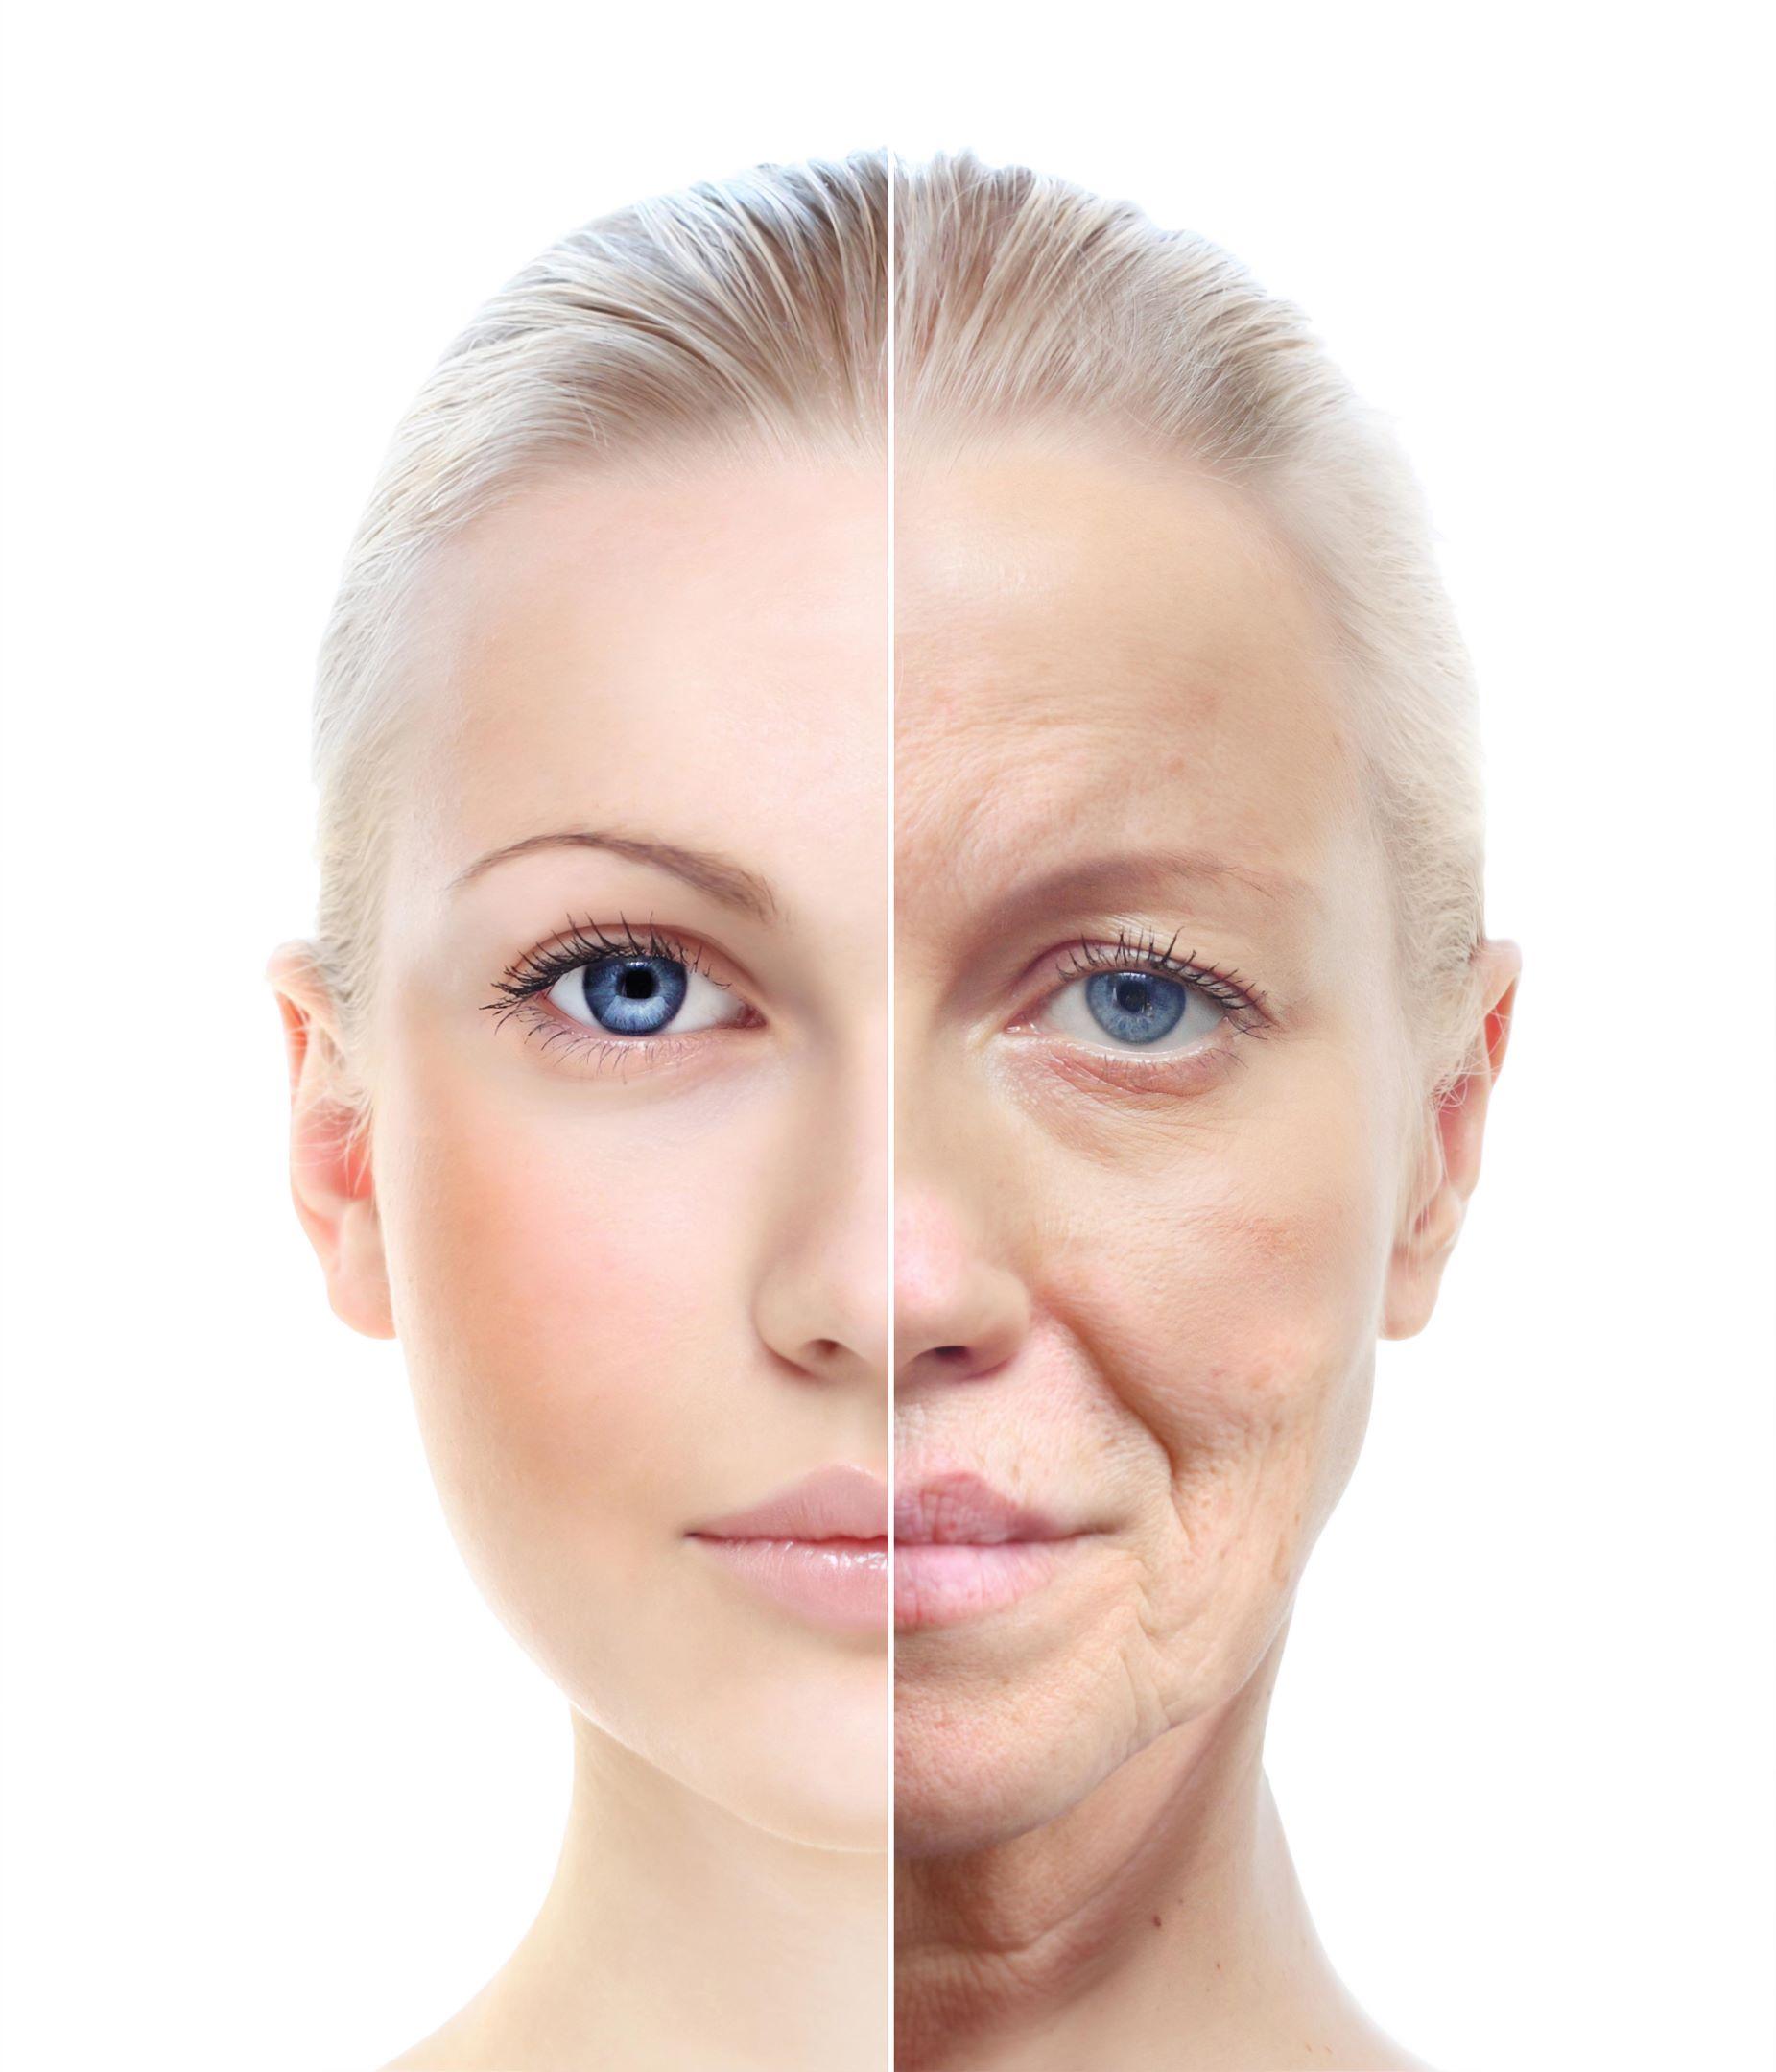 aging ผิวแก่เทียบผิวเด็ก monaclinic